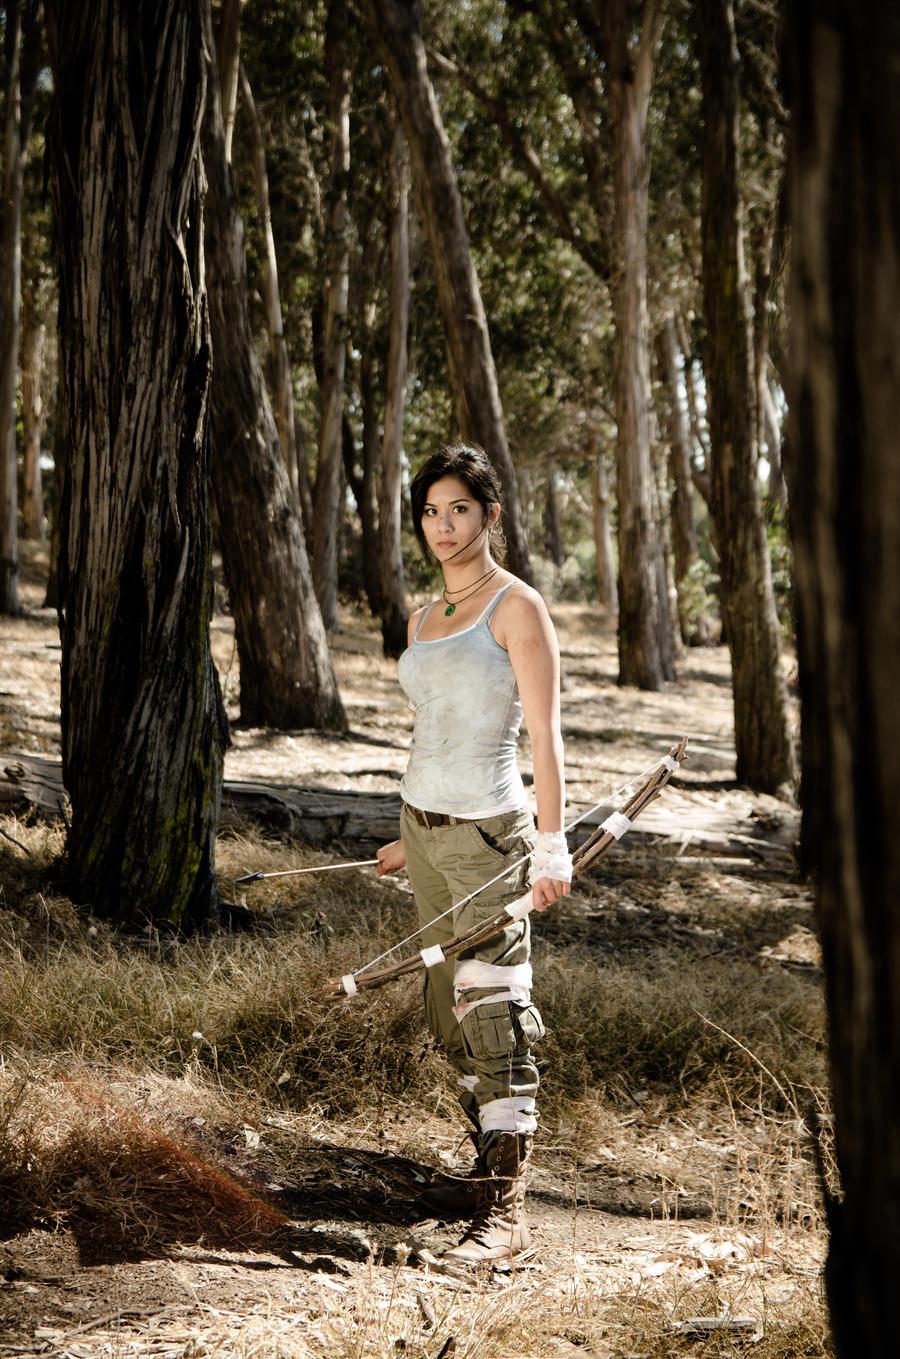 Melissa Meli as Lara Croft by PriscillaVesper